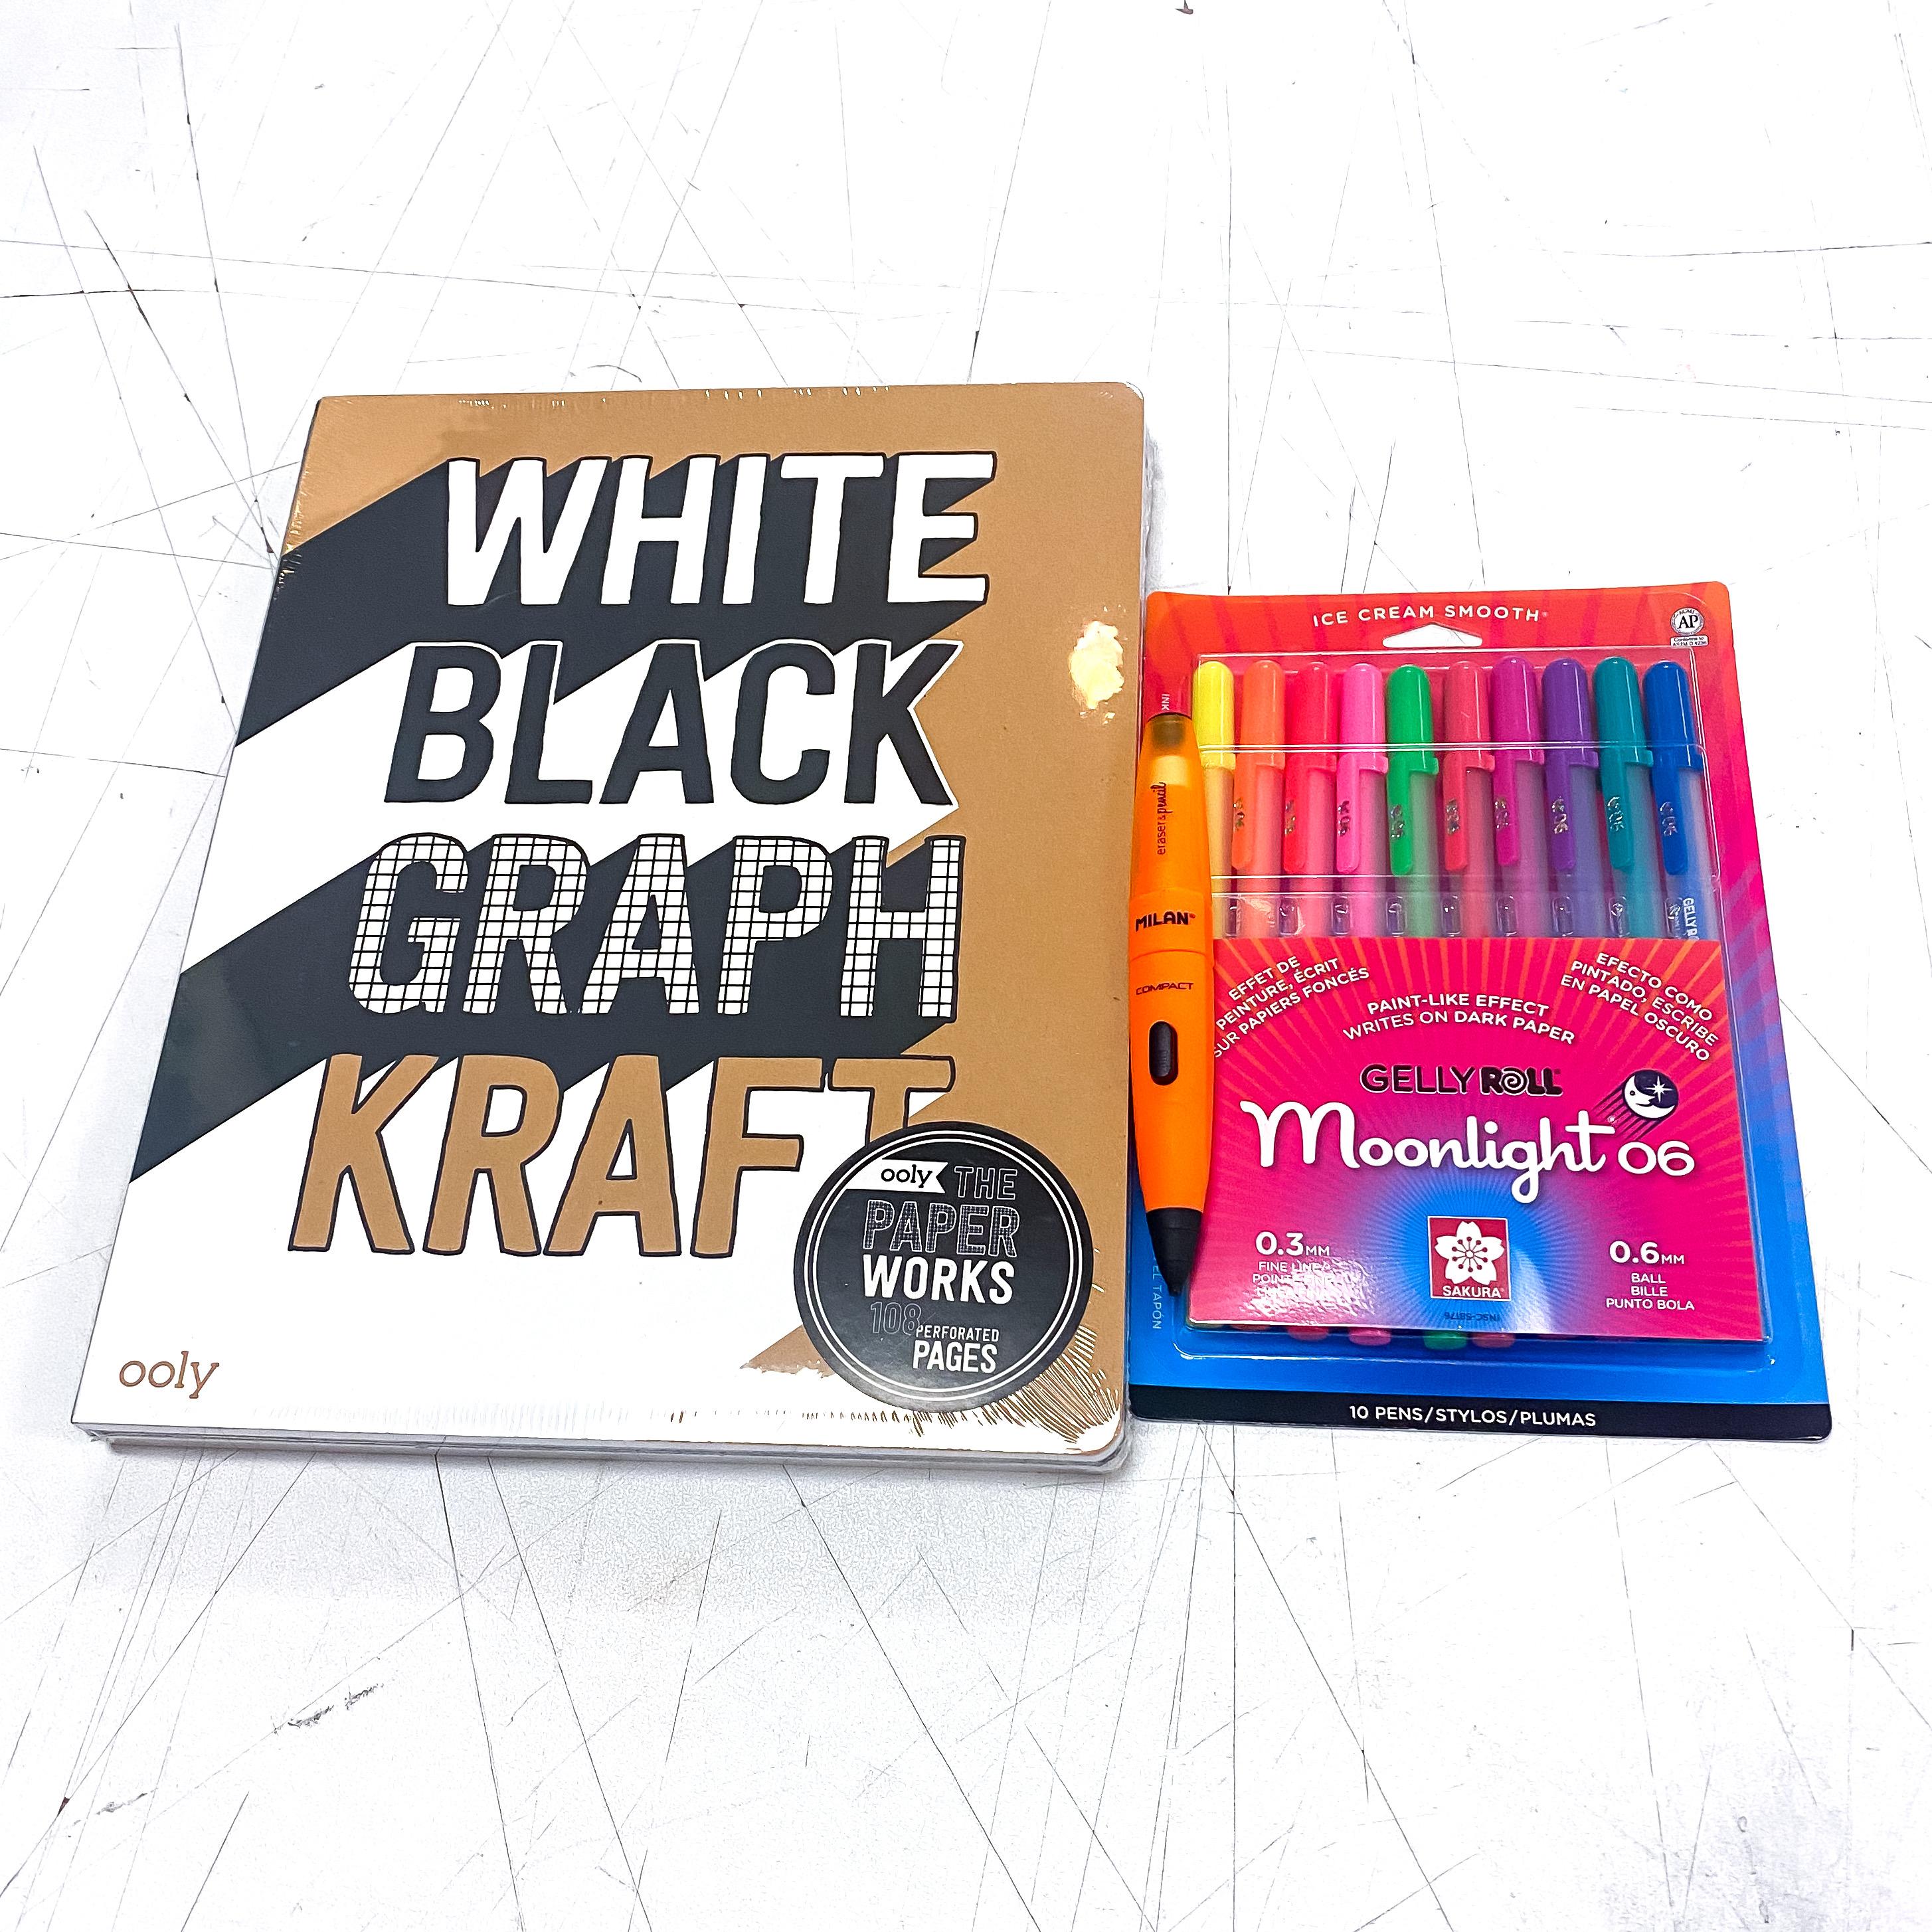 Moonlight White Black Graph Kraft Kit!